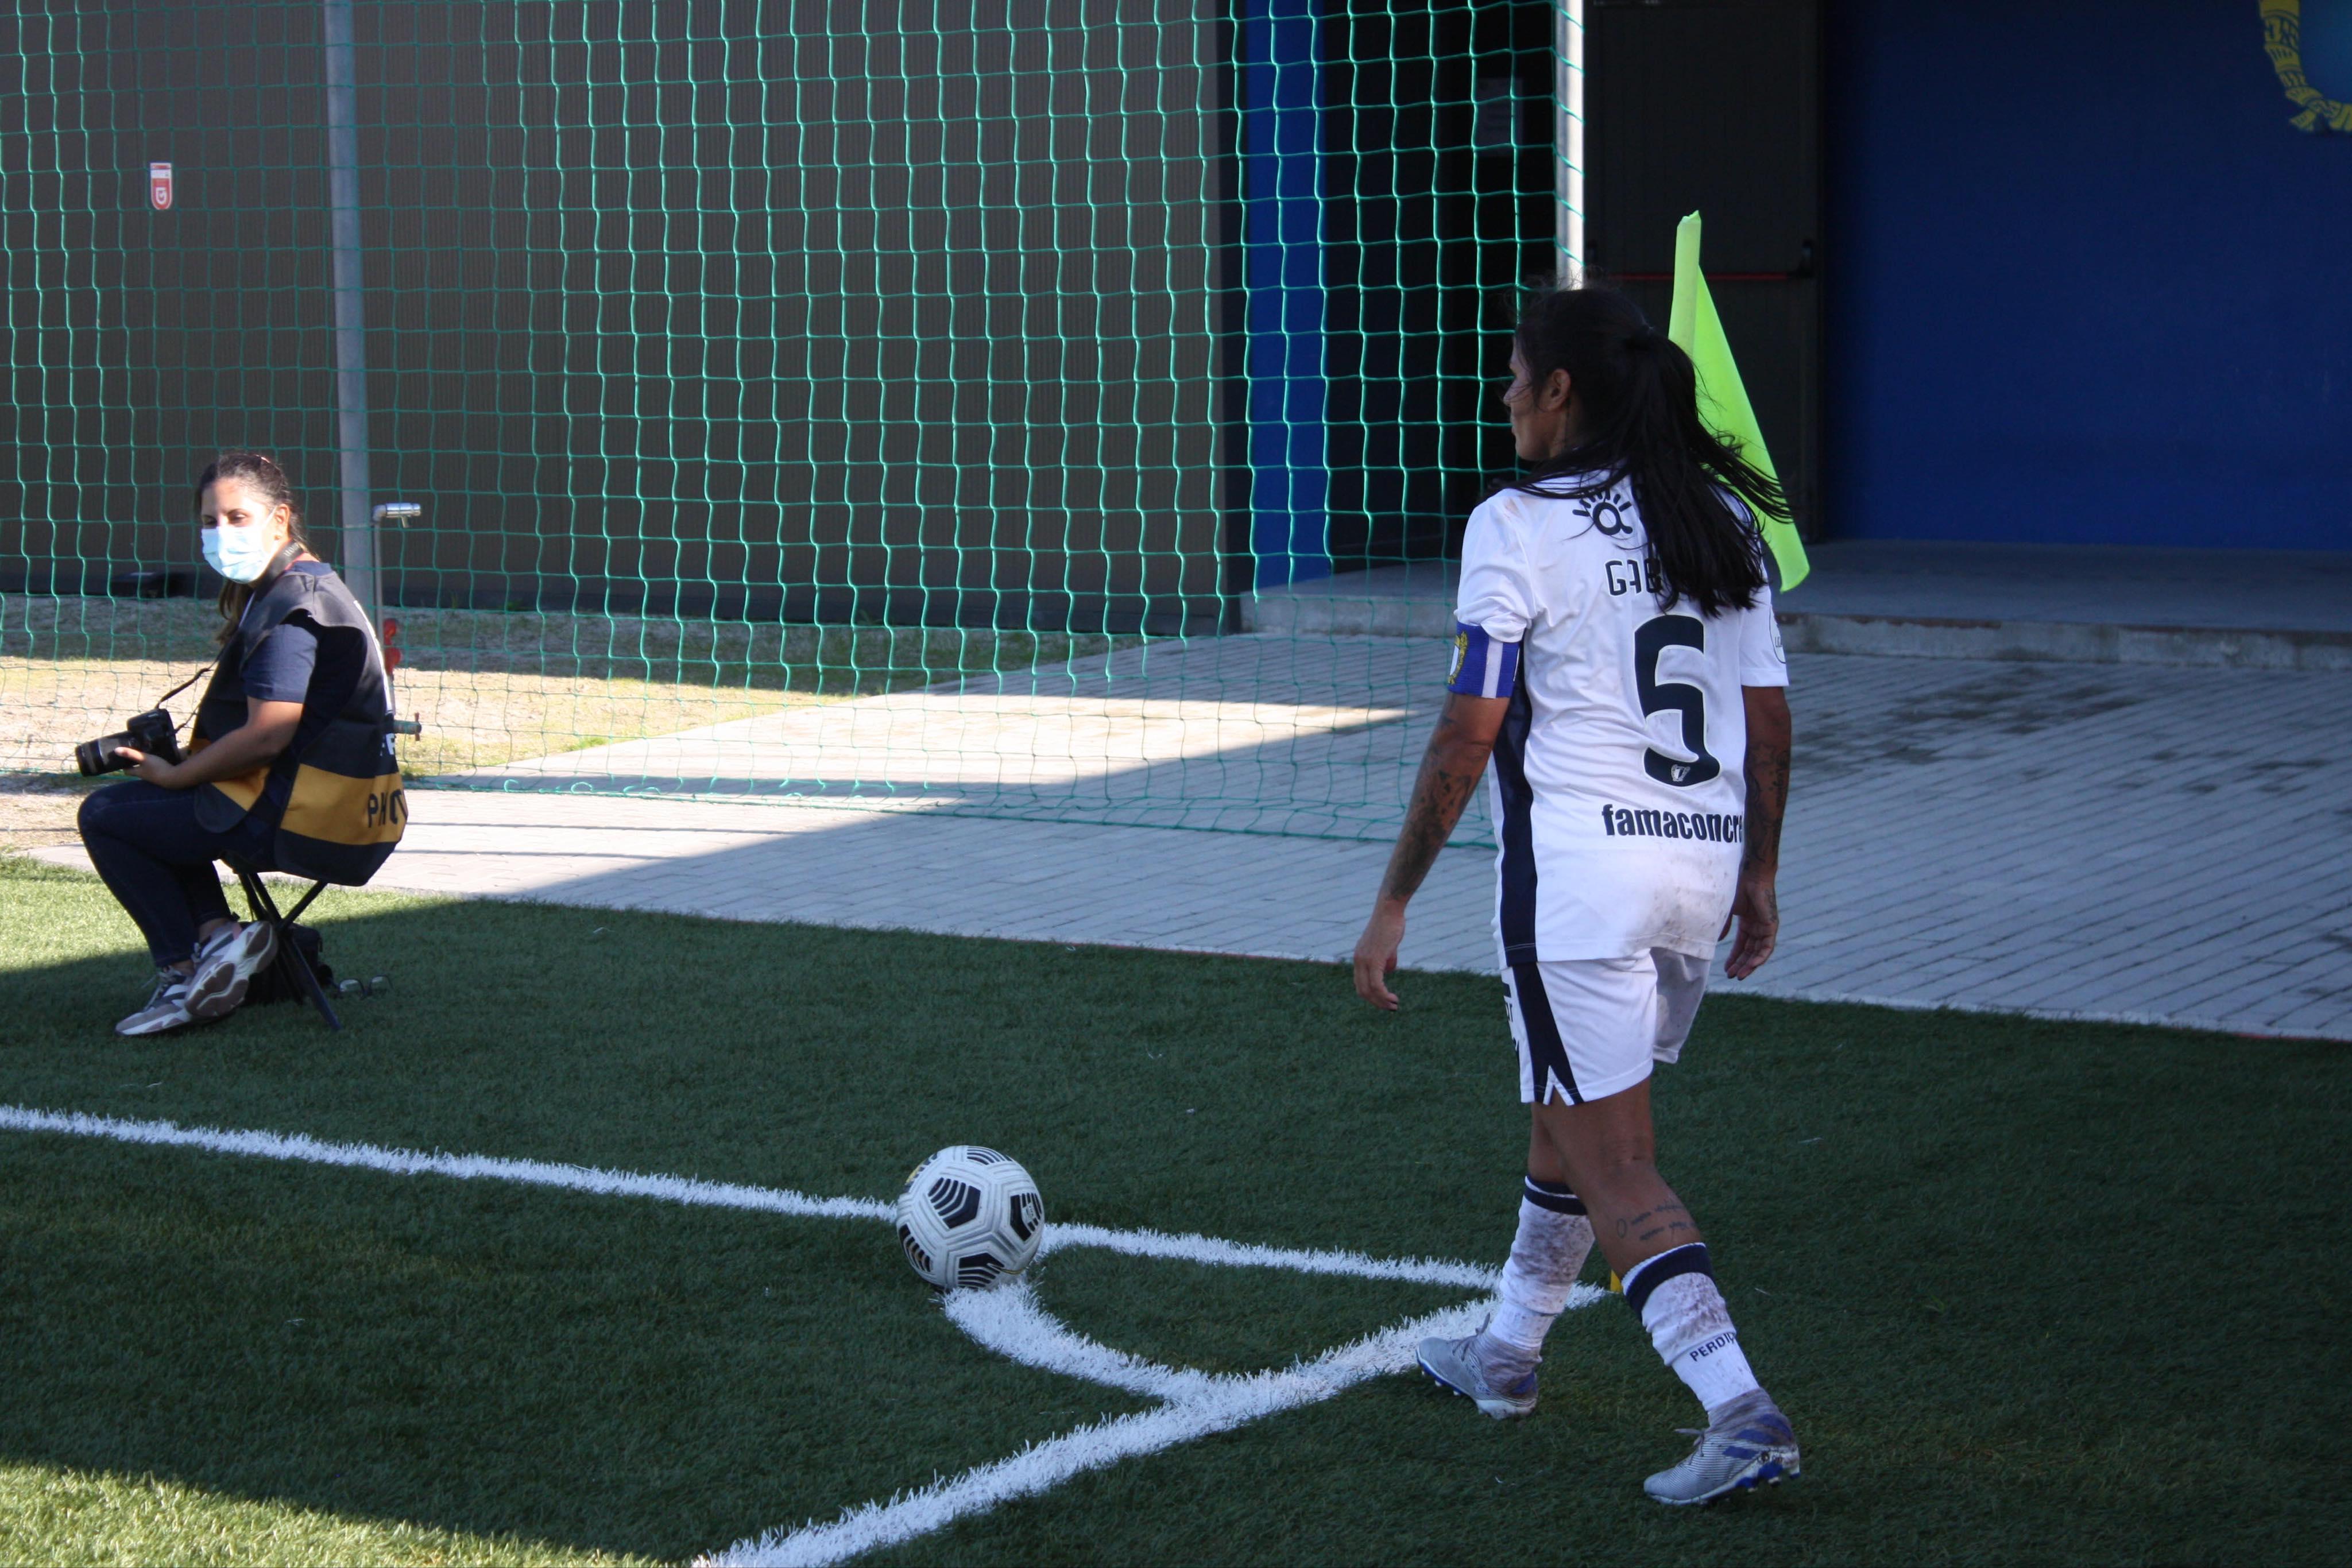 La capitaine de Famalicão Gabi Morais avant un corner